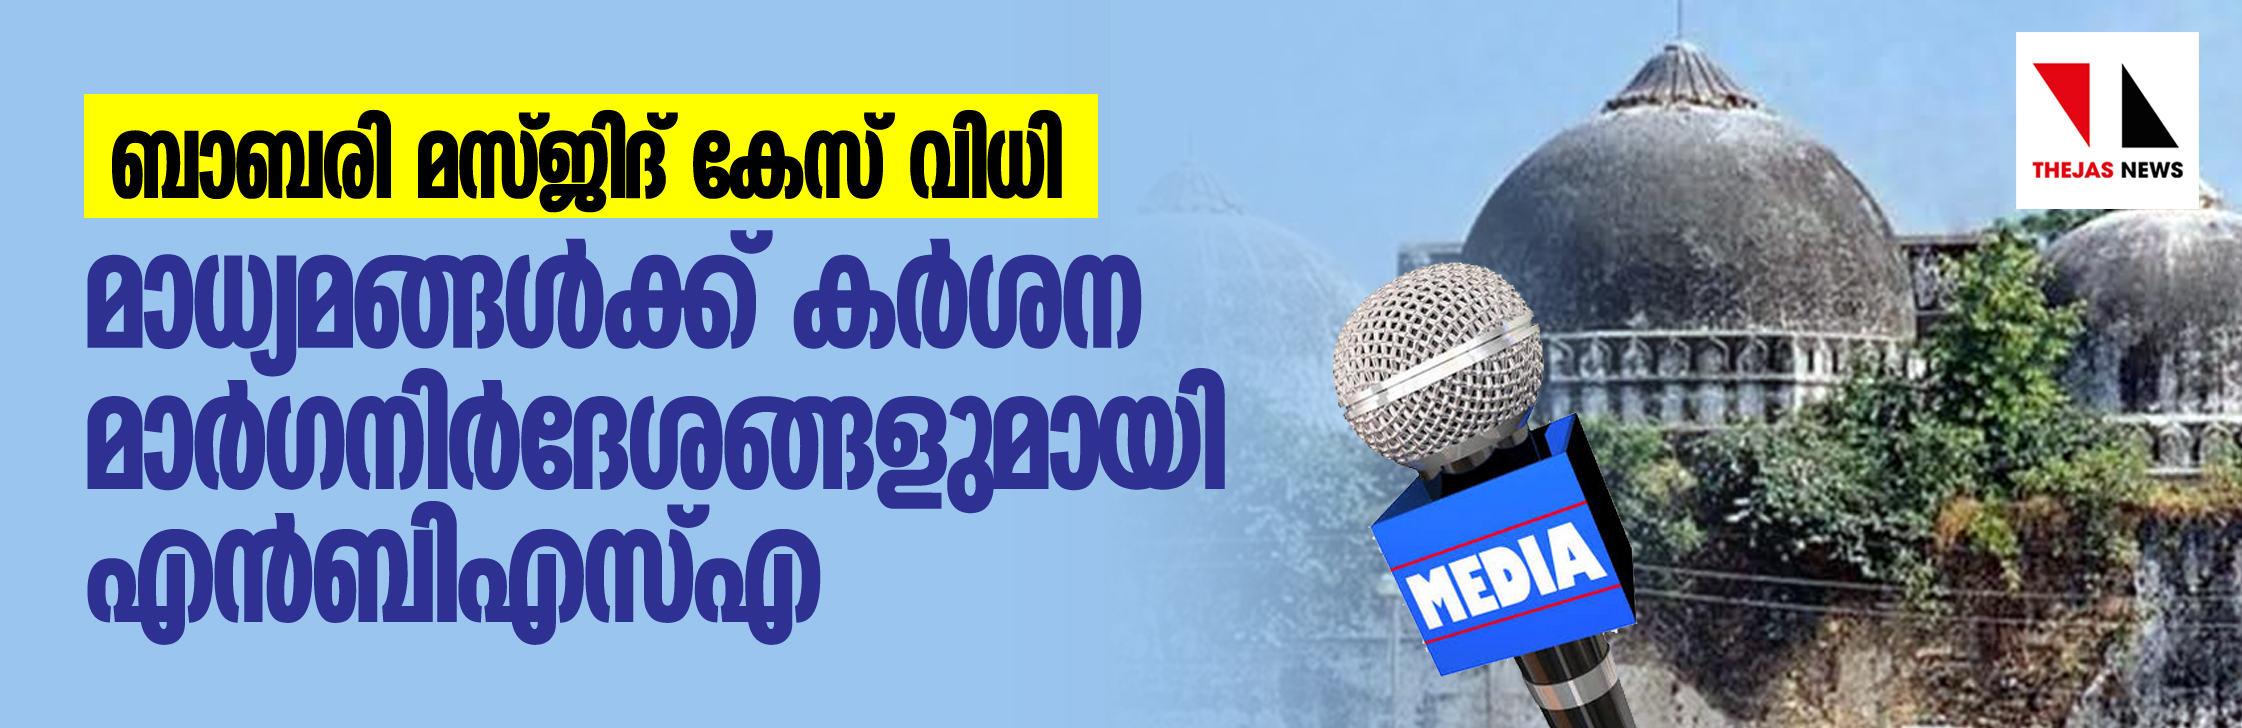 ബാബരി മസ്ജിദ് കേസ് വിധി: മാധ്യമങ്ങള്ക്ക് കര്ശന മാര്ഗനിര്ദേശങ്ങളുമായി എന്ബിഎസ്എ